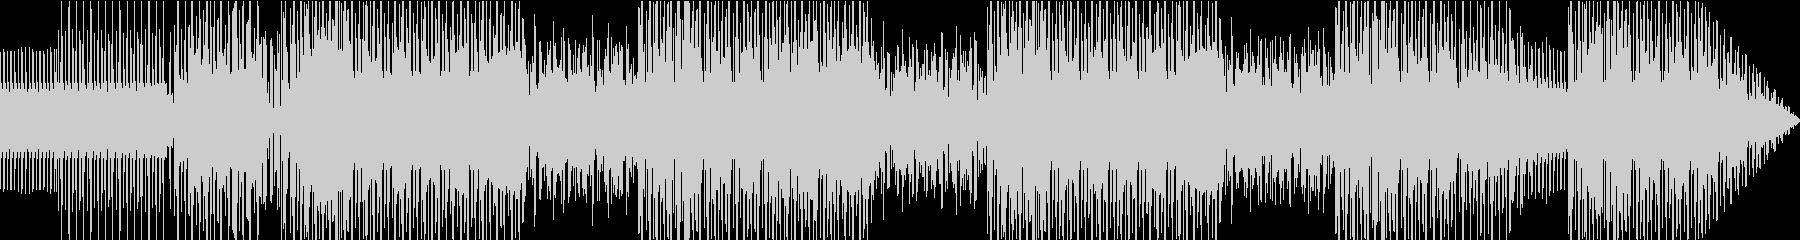 不気味でファンキーなエレクトロビートの未再生の波形